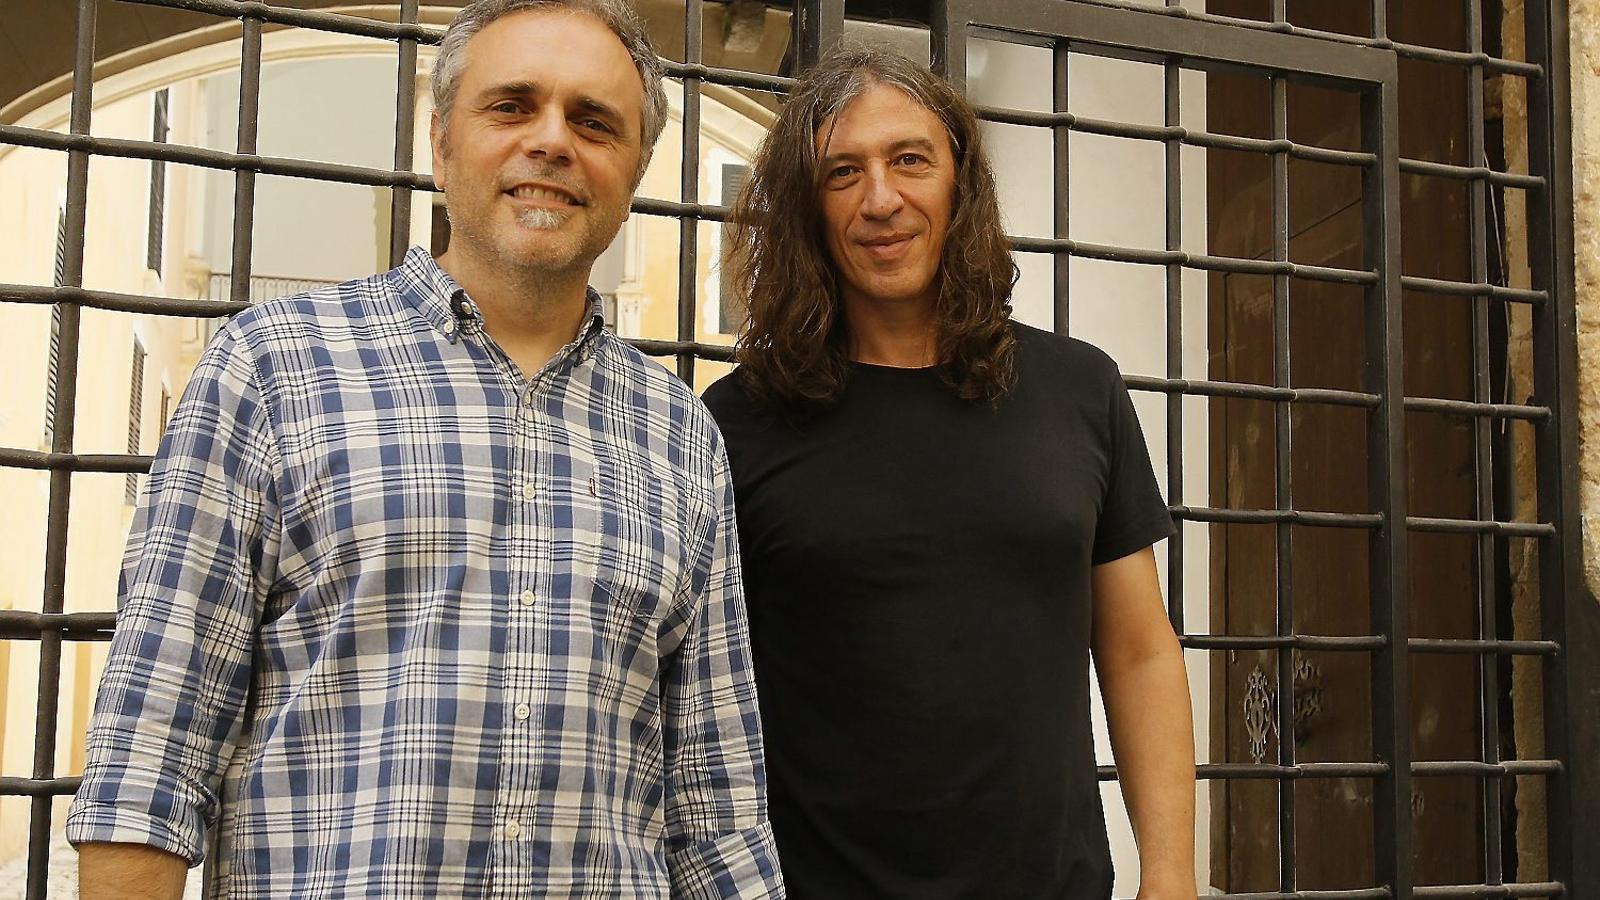 Josep Thió i Gerard Quintana aquest dimecres, enfront del Museu de la Jugueta, a la trobada de premsa de presentació del concert que faran a Porreres per commemorar els seus 30 anys dalt dels escenaris.